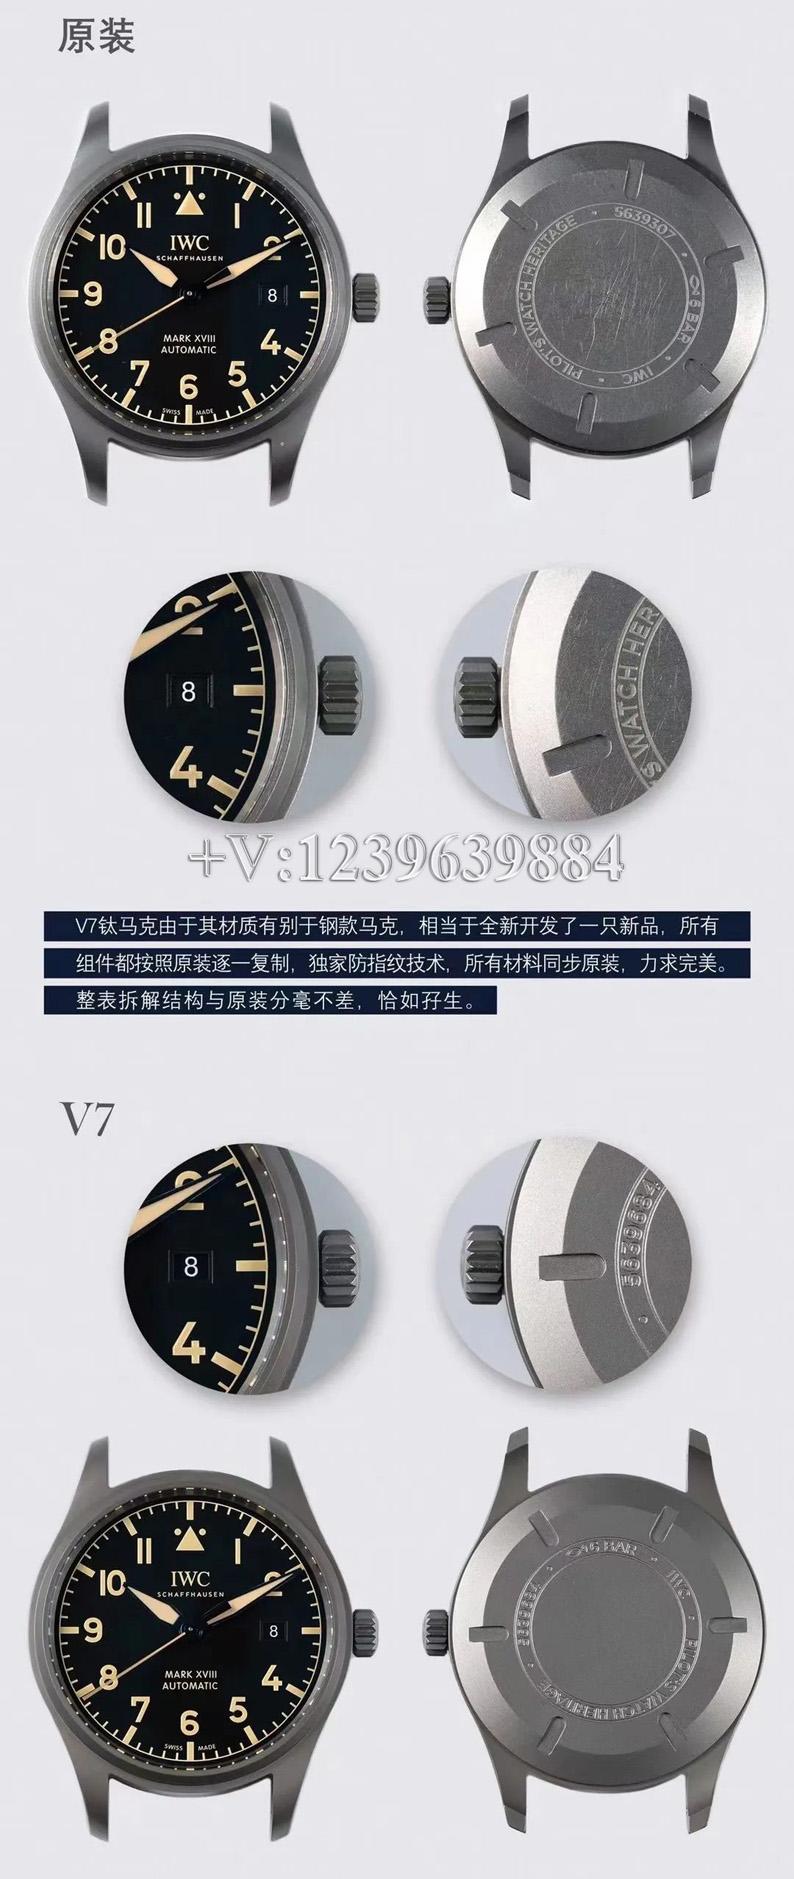 【真假对比】V7厂万国飞行员马克18钛金属,做工如何? 第4张